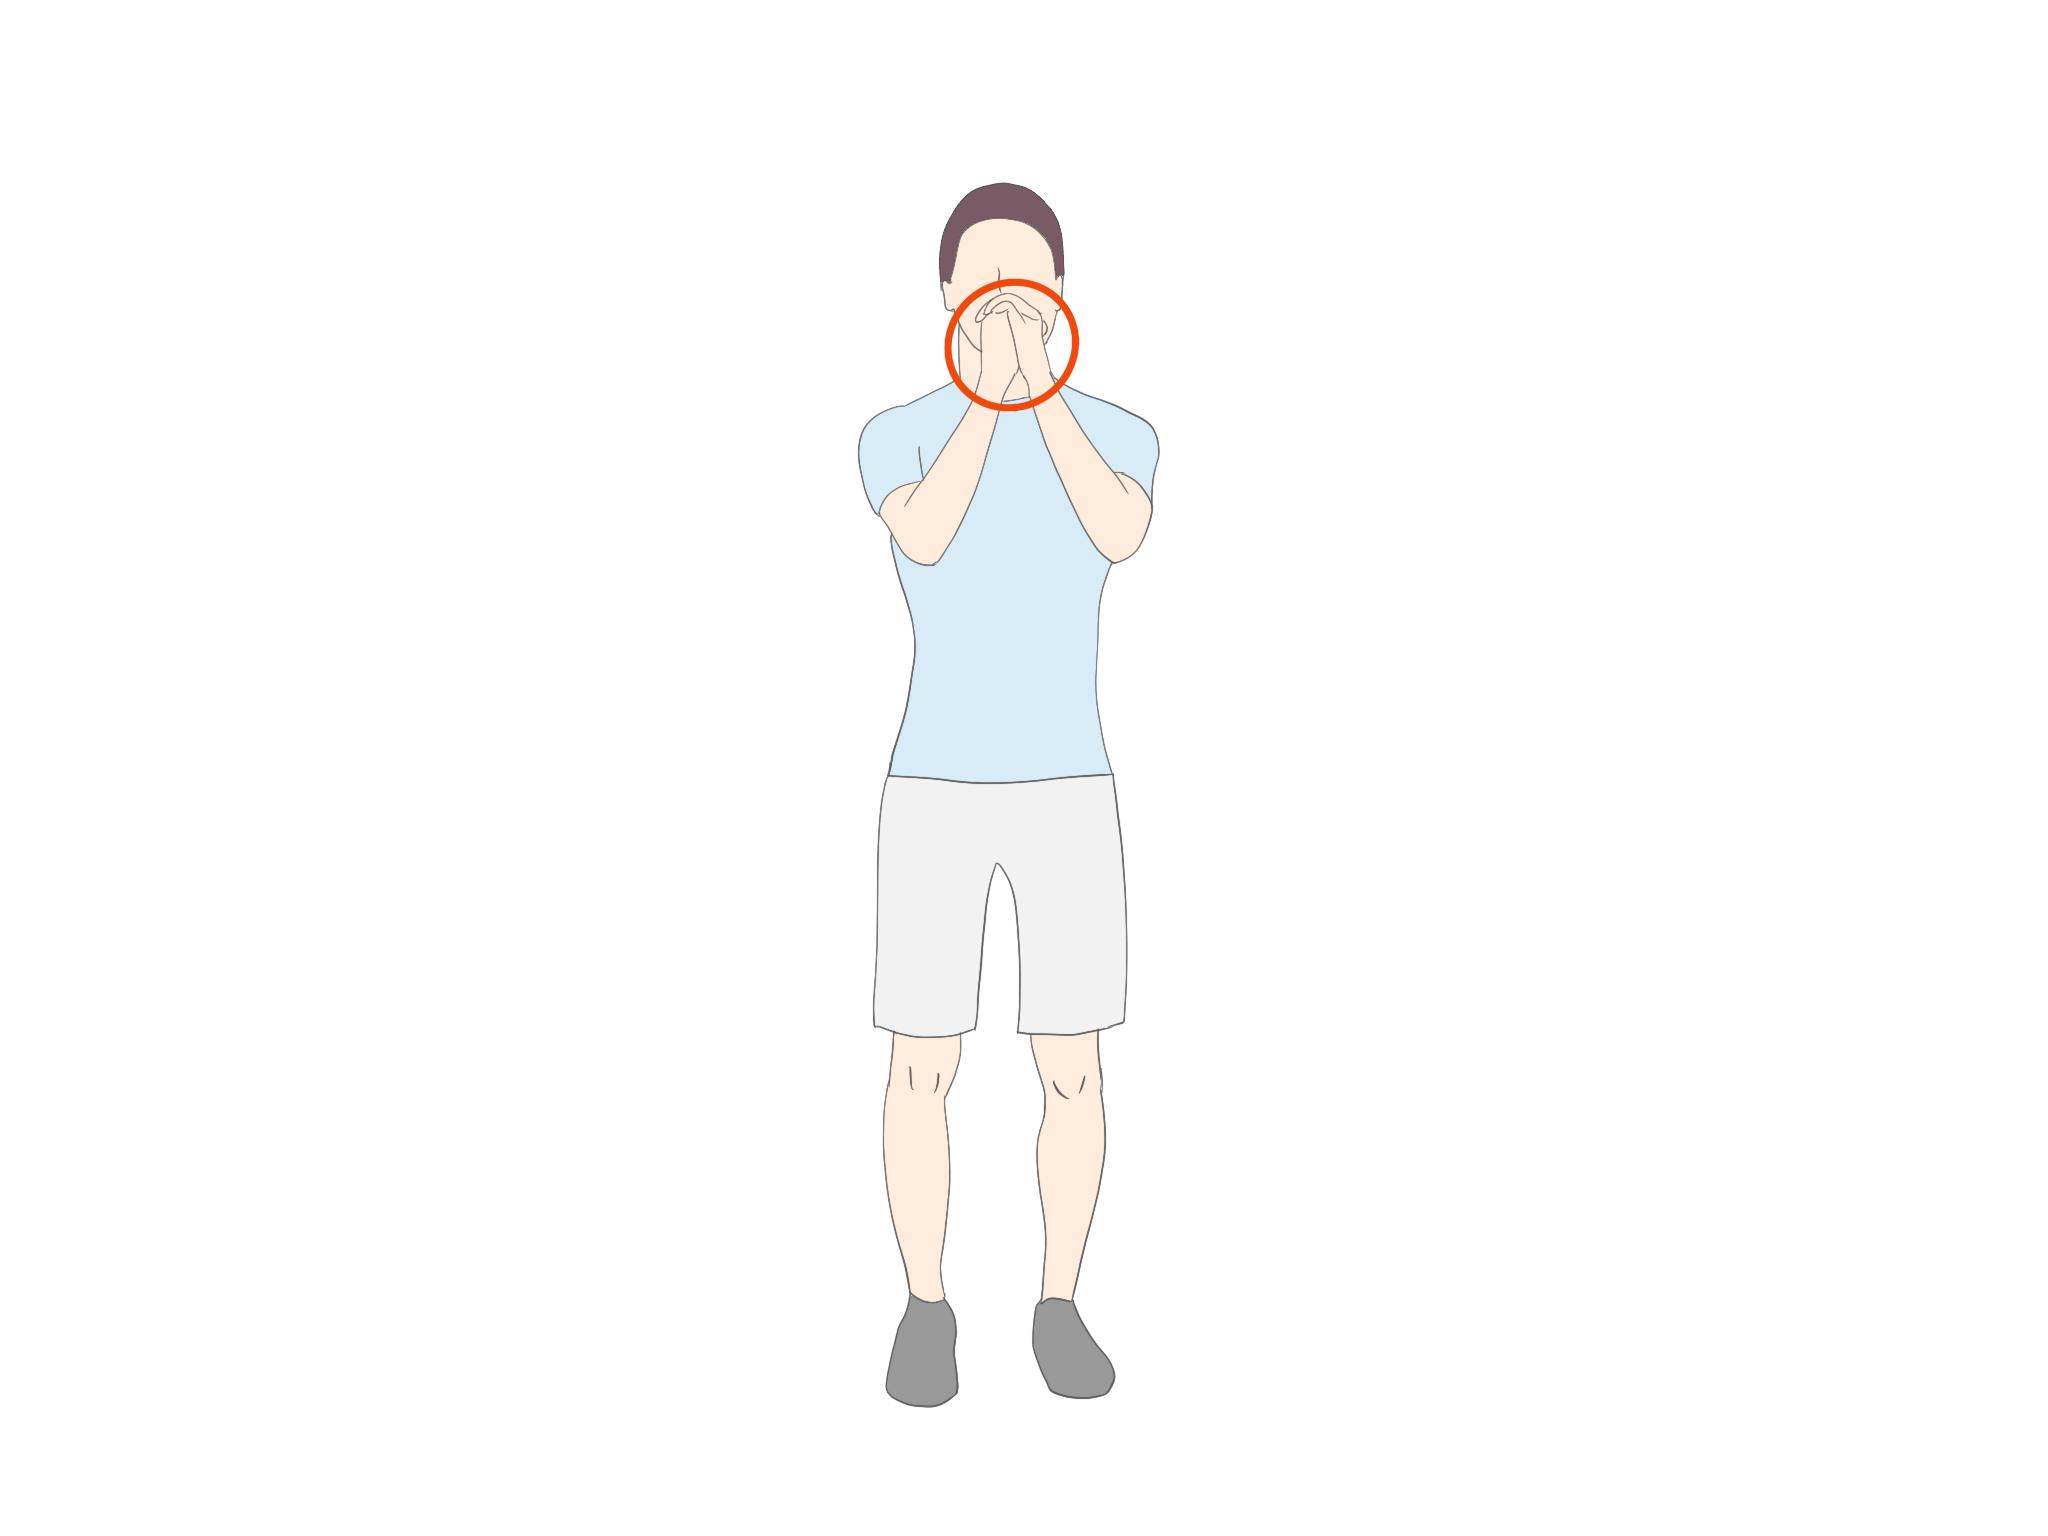 クロスオーバーランジ開始姿勢【金沢市のアルコット接骨院のパーソナルトレーニング】